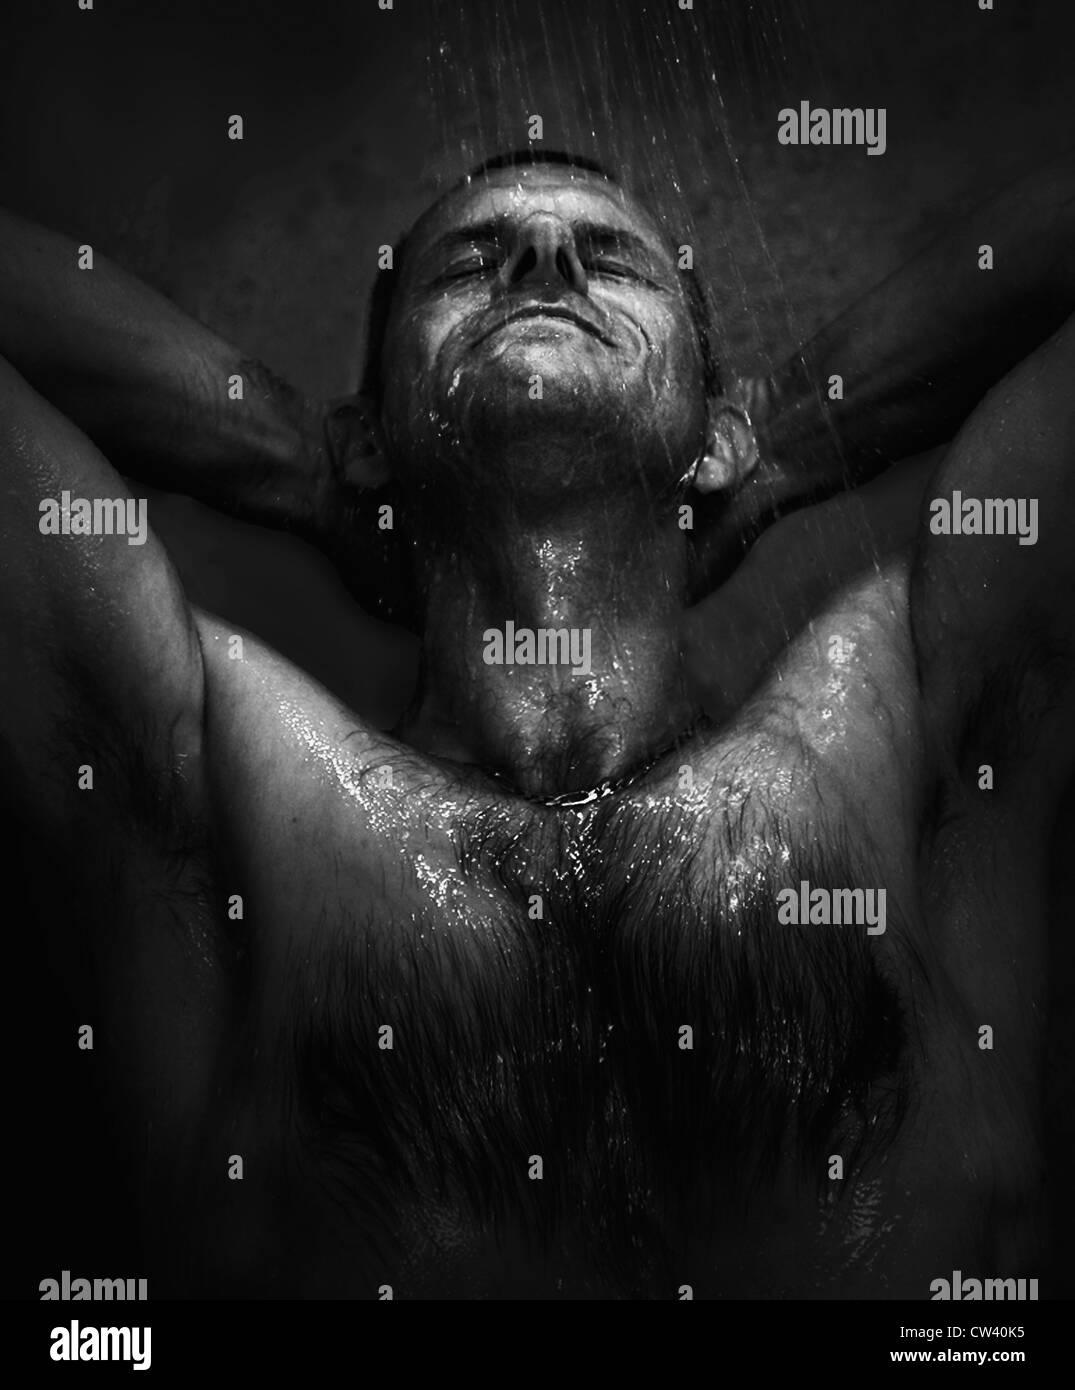 Les hommes d'âge moyen de prendre une douche Photo Stock